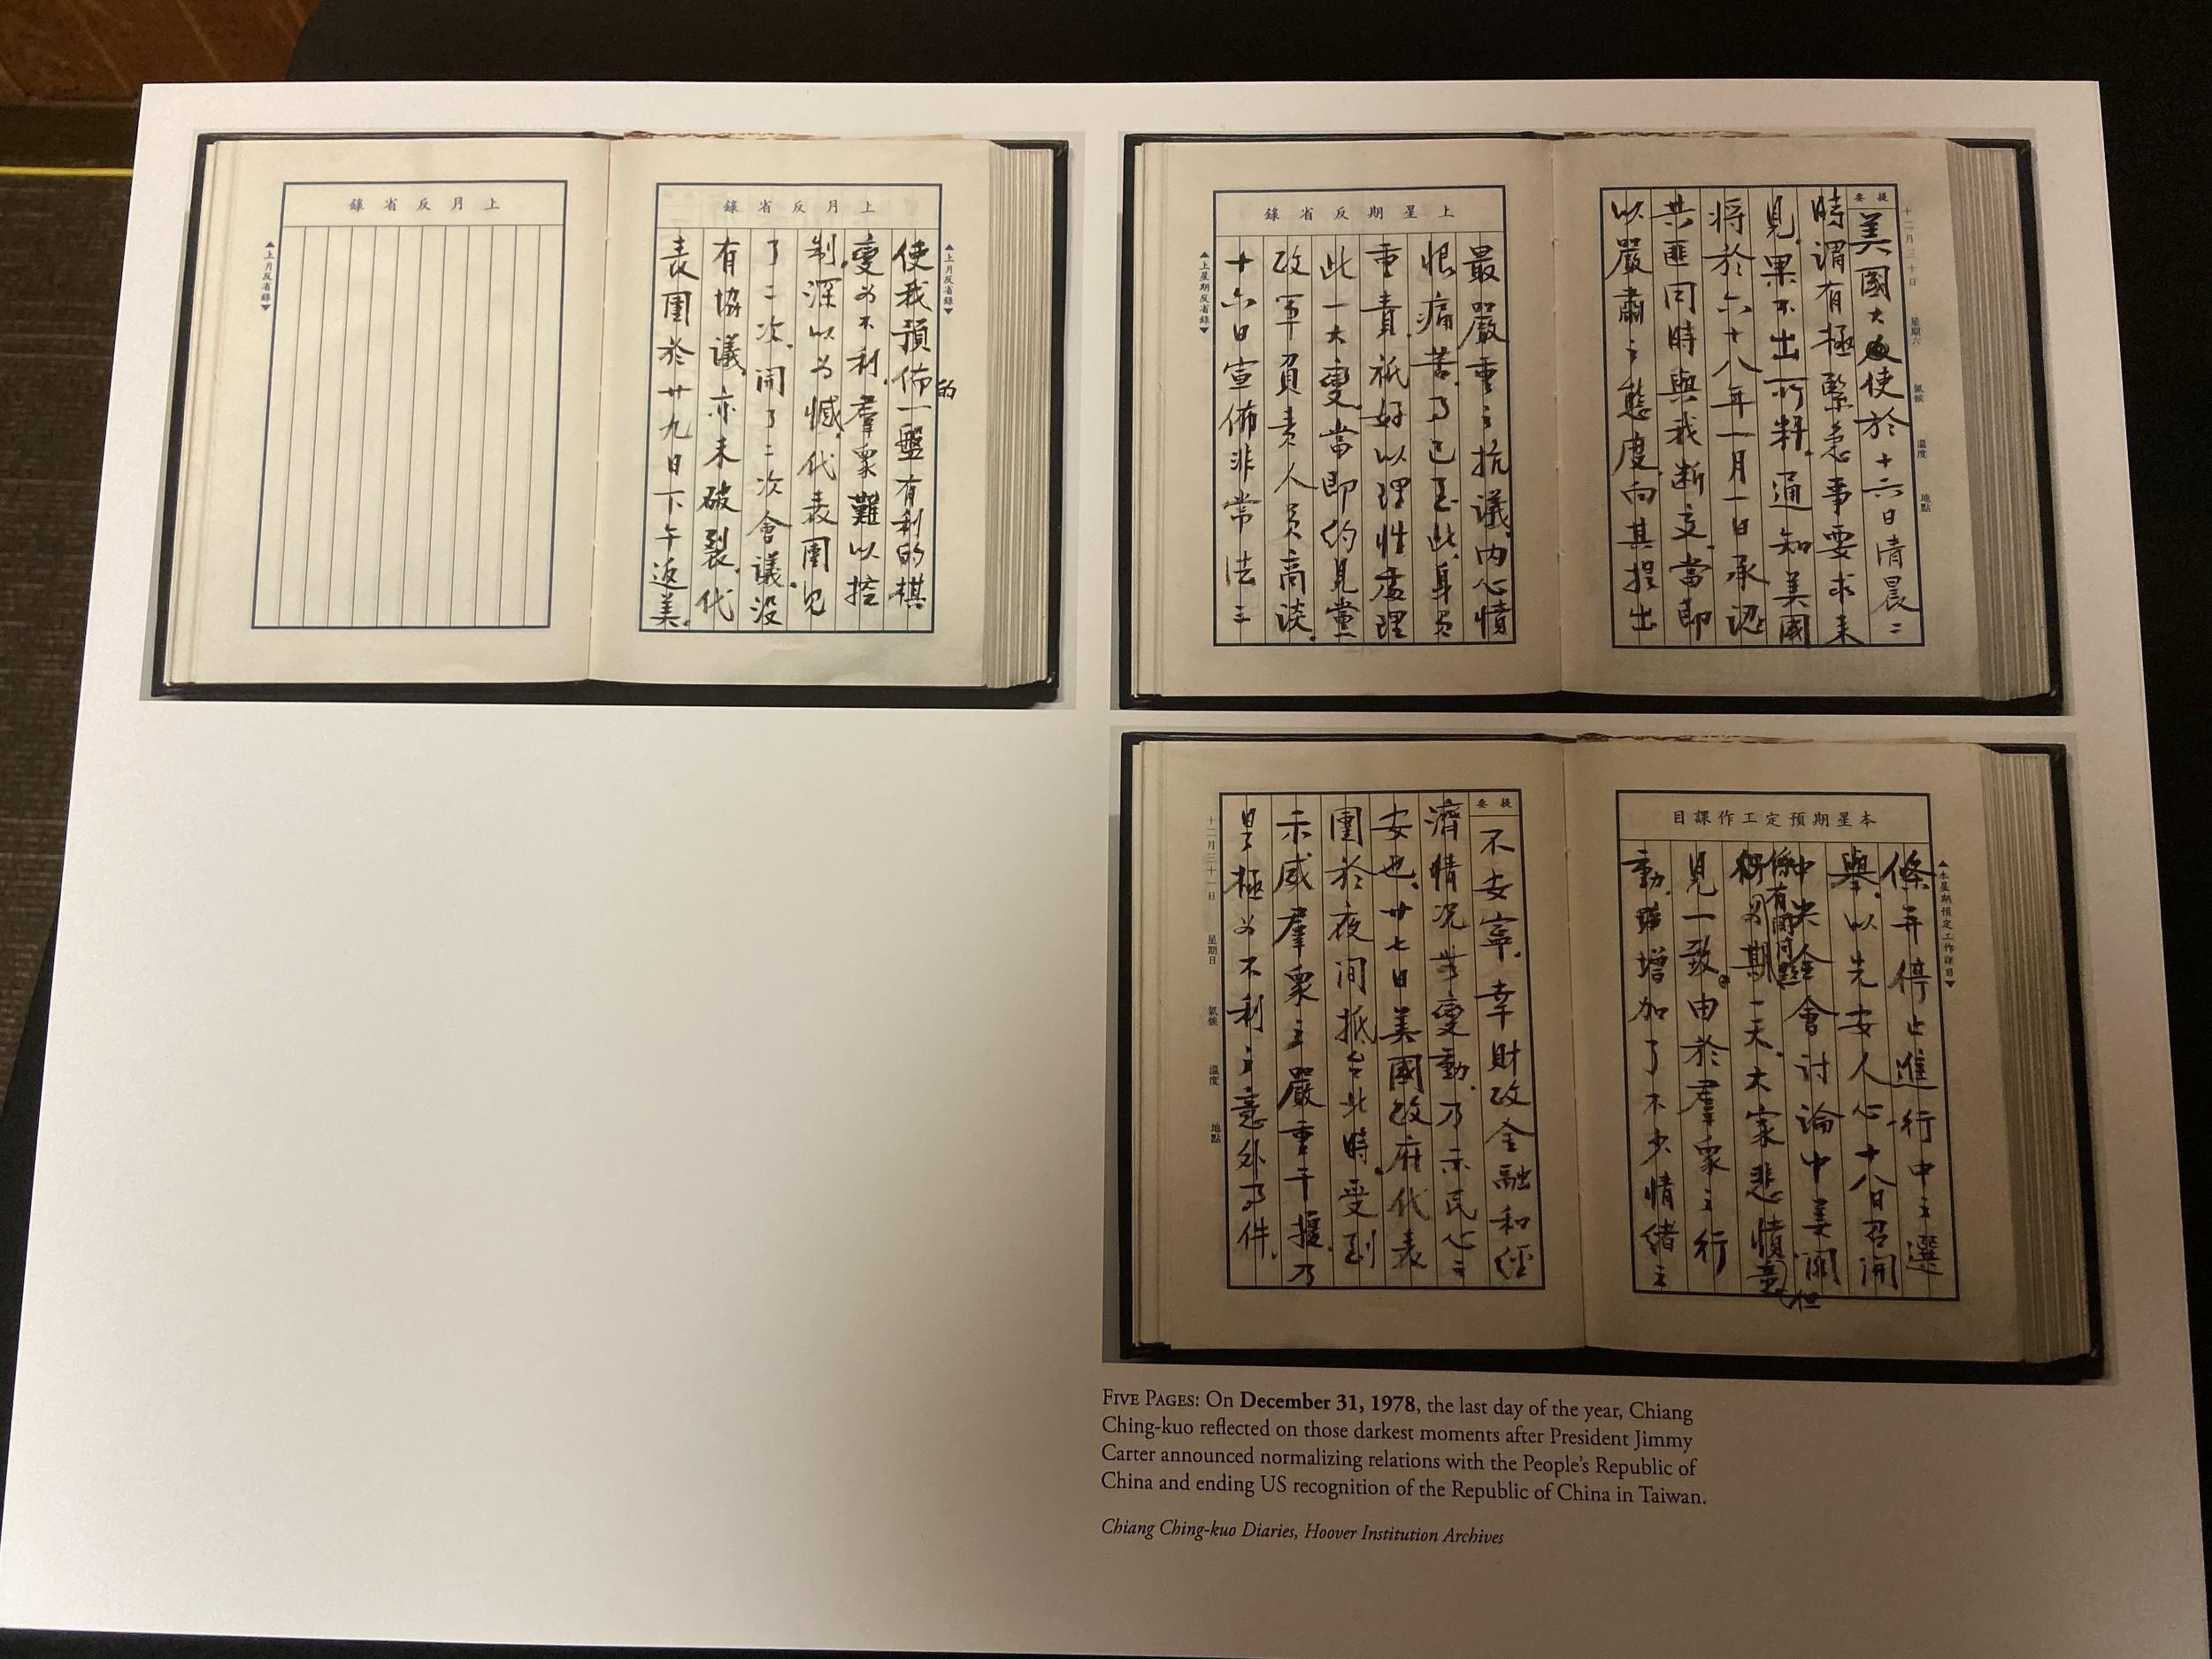 蒋经国在美国通知将与北京建交、与台湾断交当晚的日记影印本。(王允摄影)